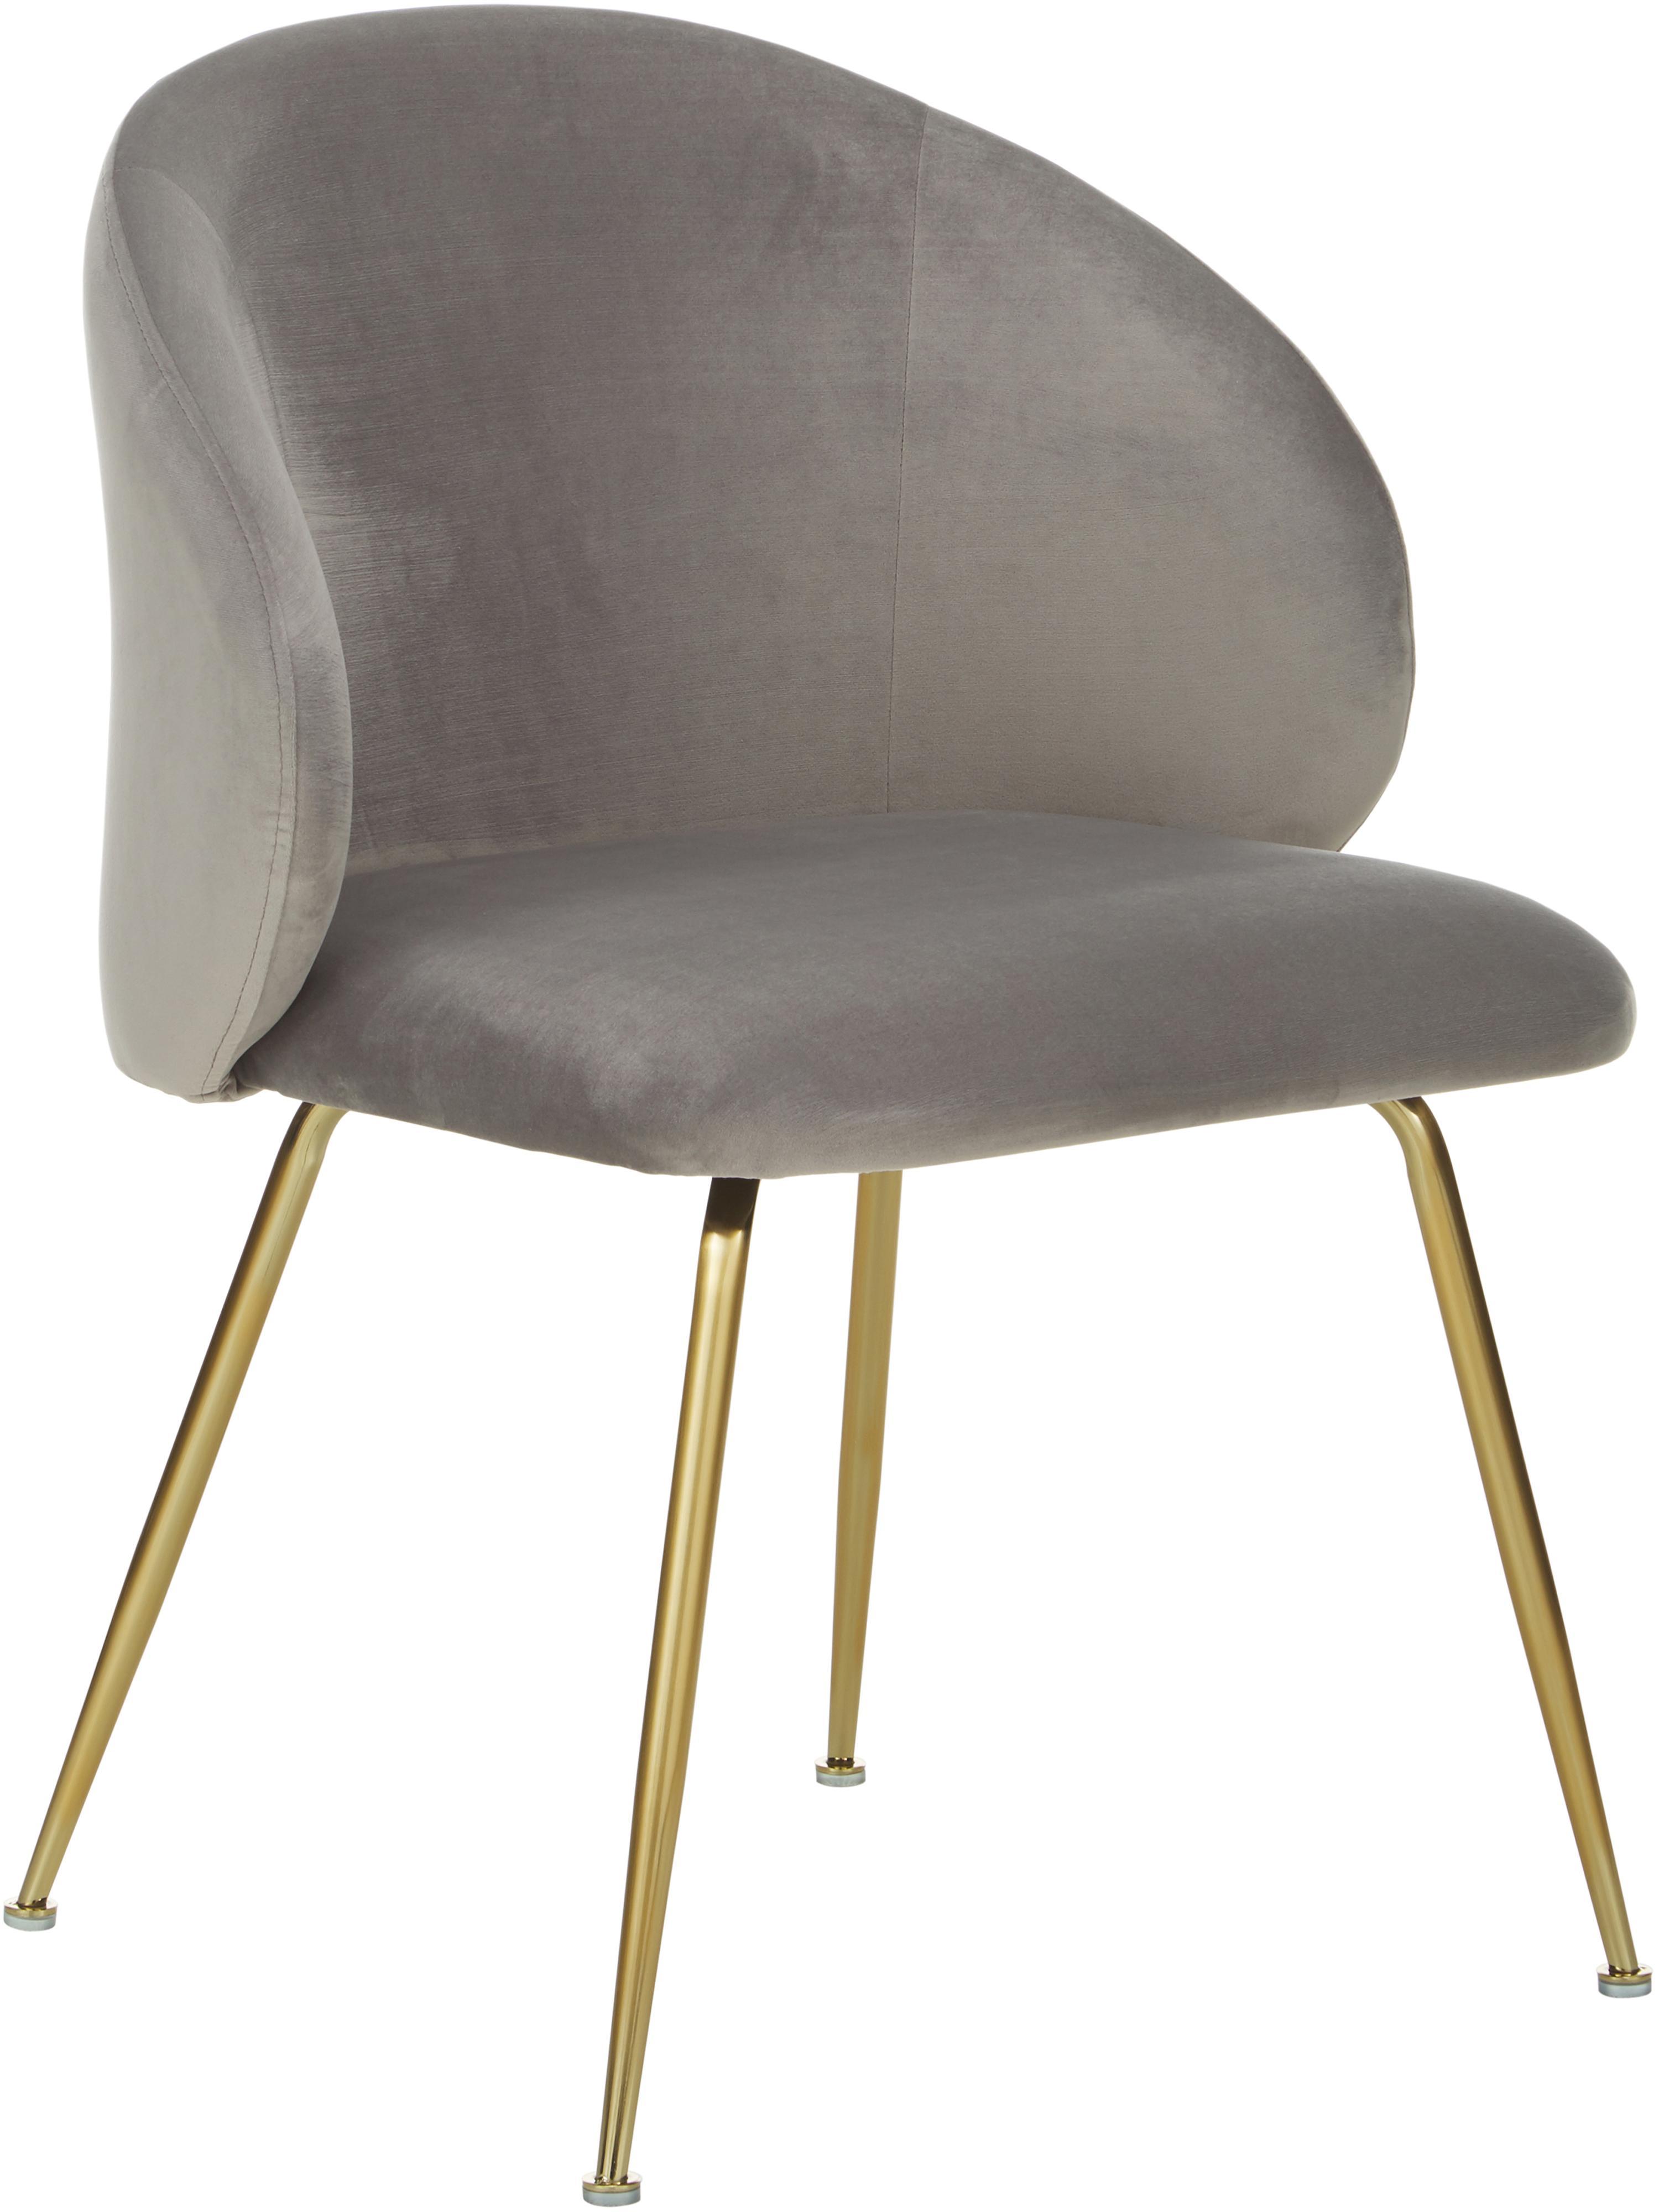 Krzesło tapicerowane z aksamitu Luisa, 2 szt., Nogi: metal lakierowany, Aksamitny jasny szary, złoty, S 61 x G 58 cm